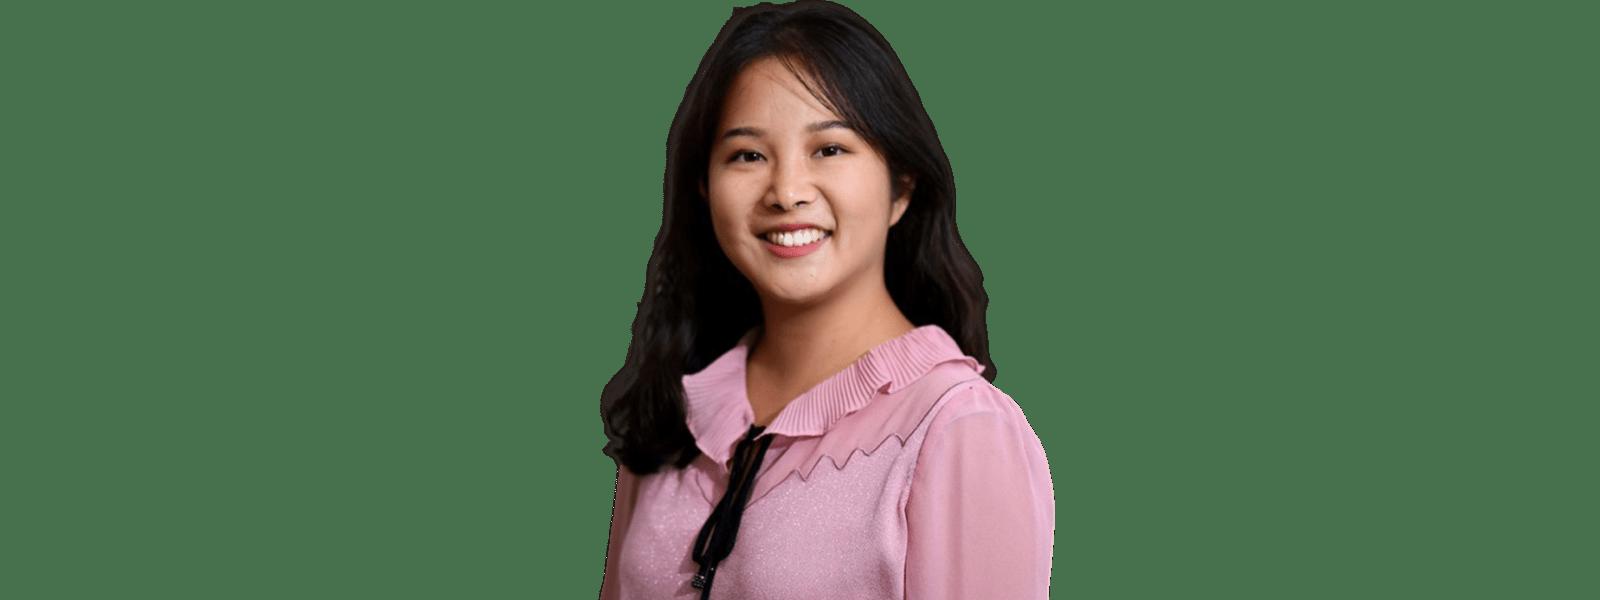 Annette Li